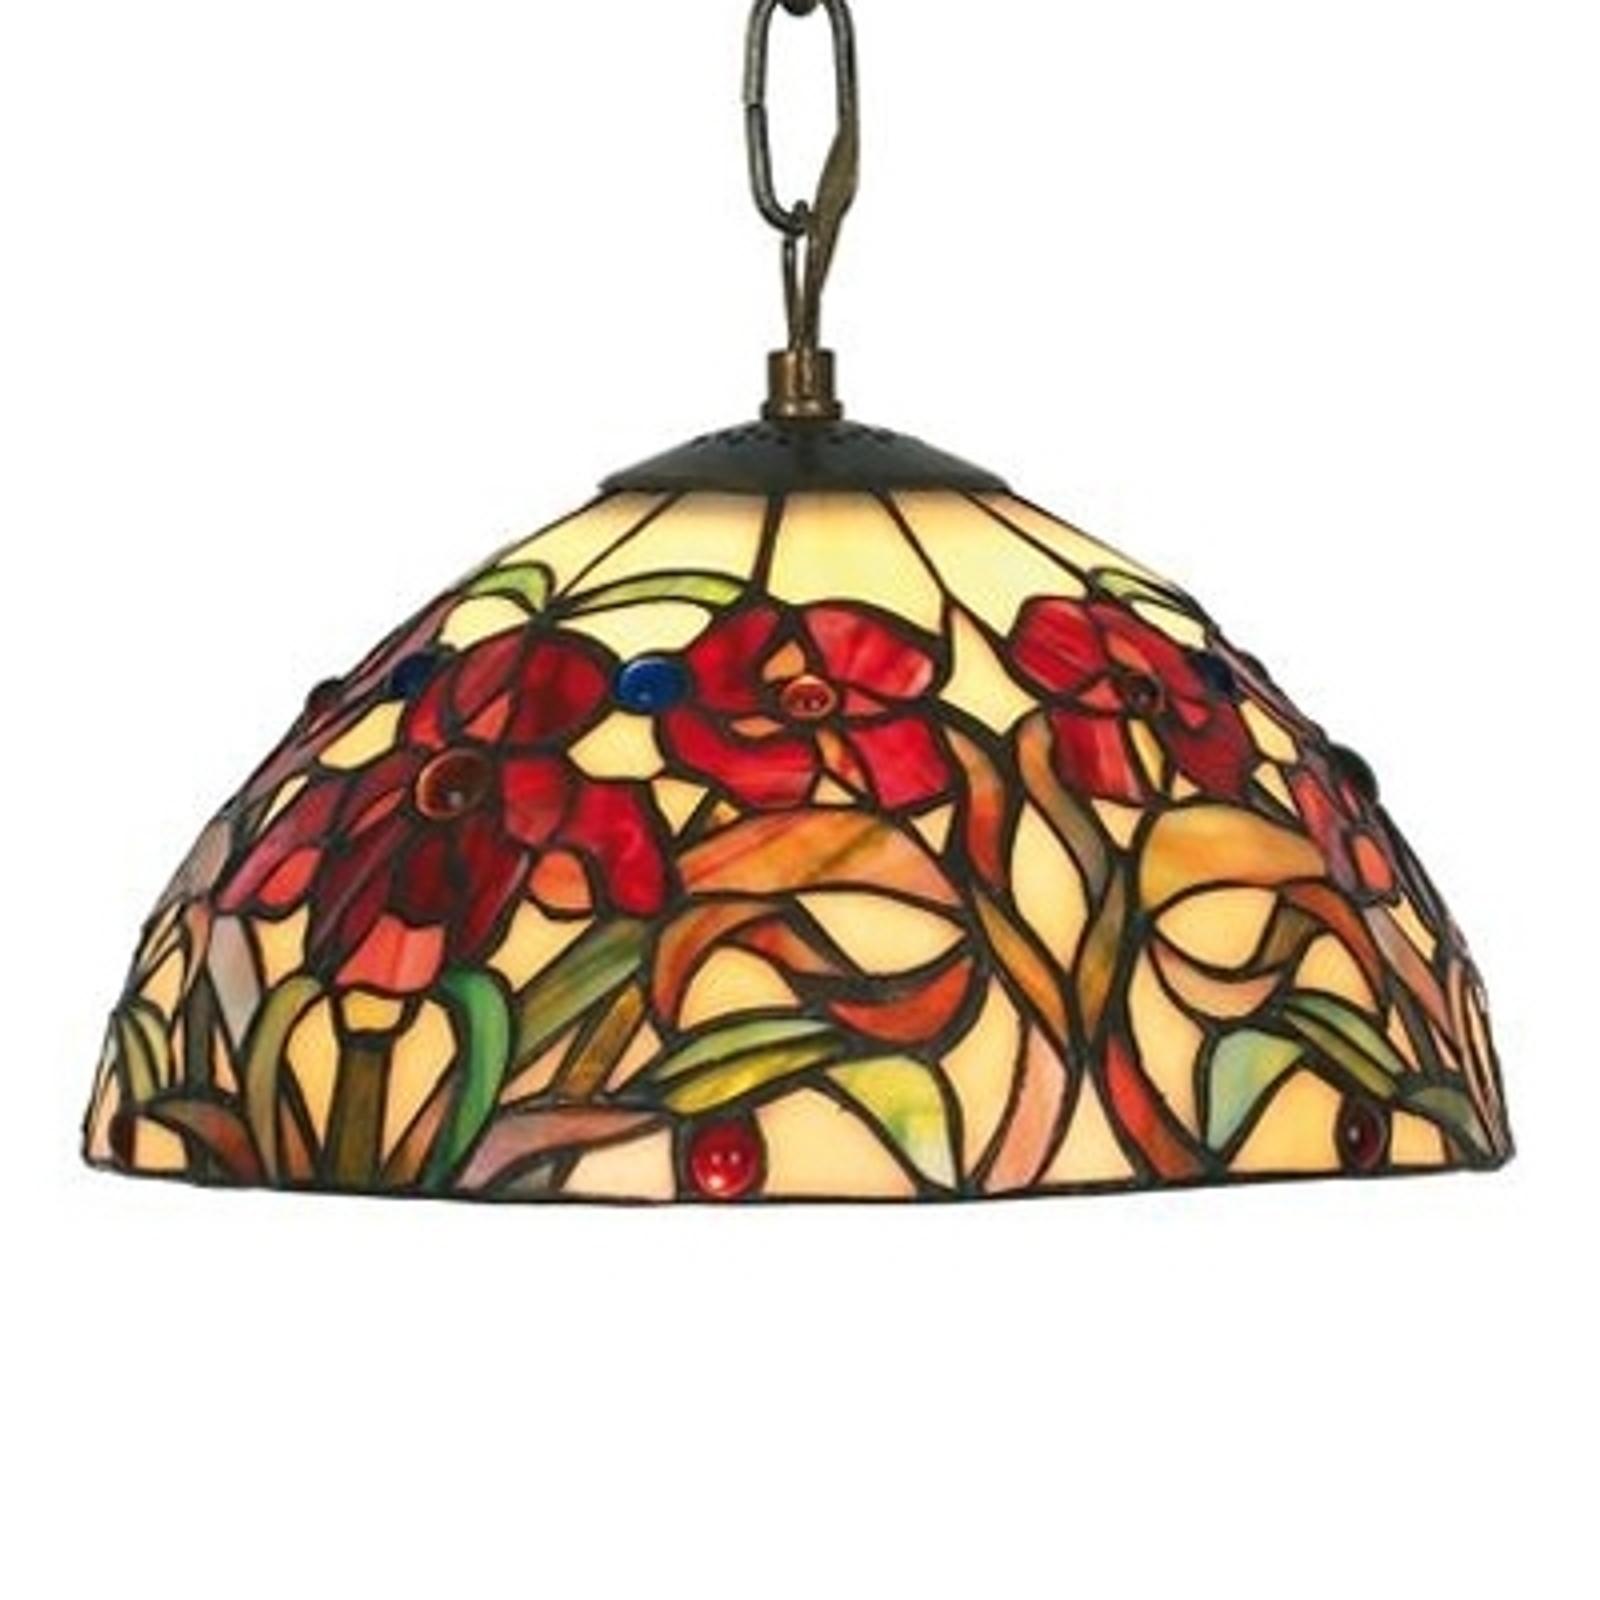 Malé závěsné světlo Eline v Tiffany stylu